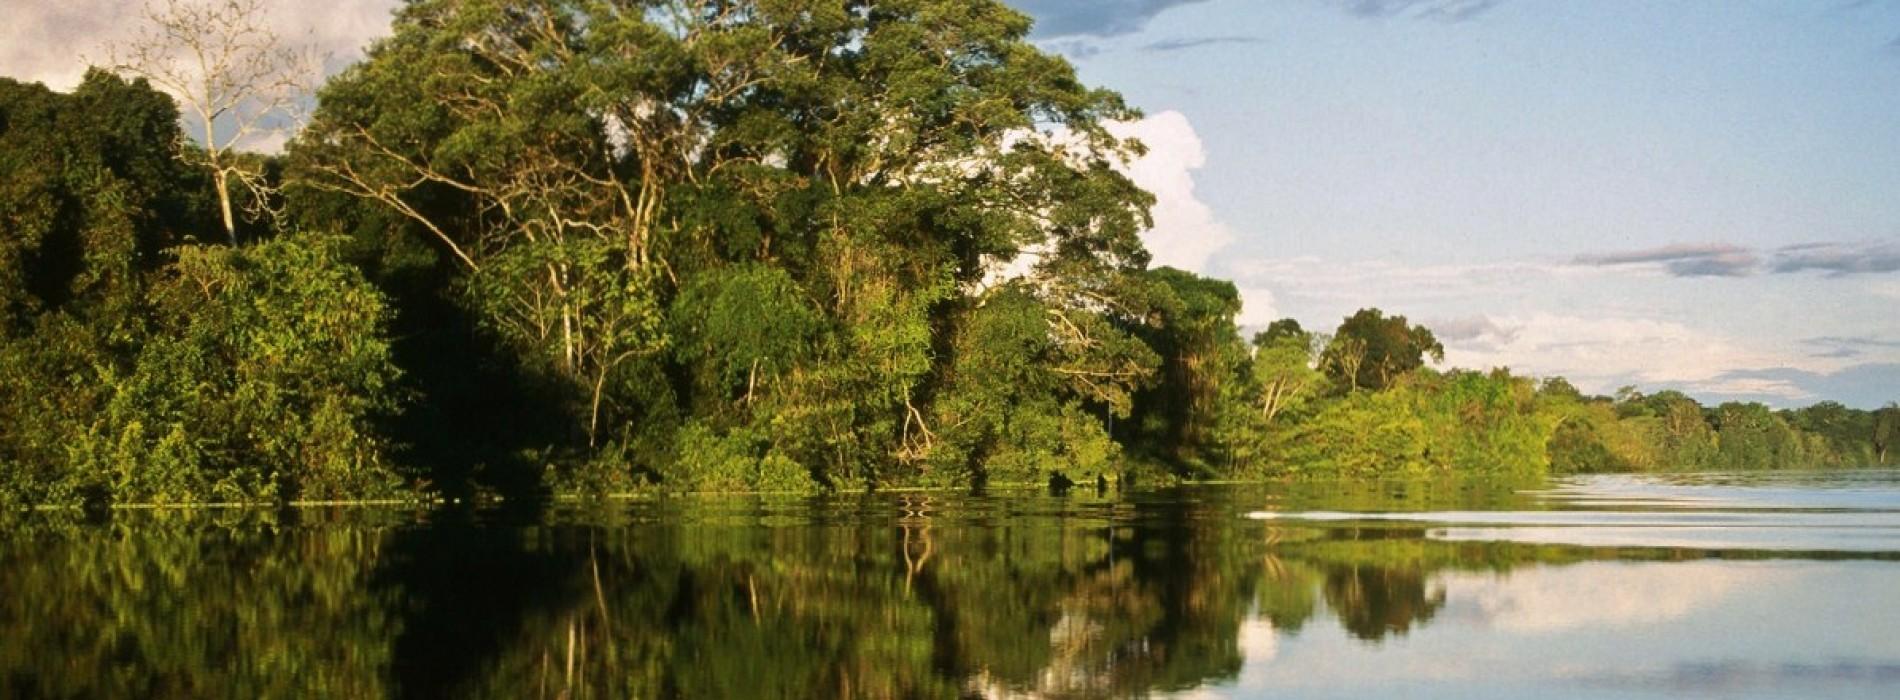 Delta, colțul de rai al pasionaților de natură